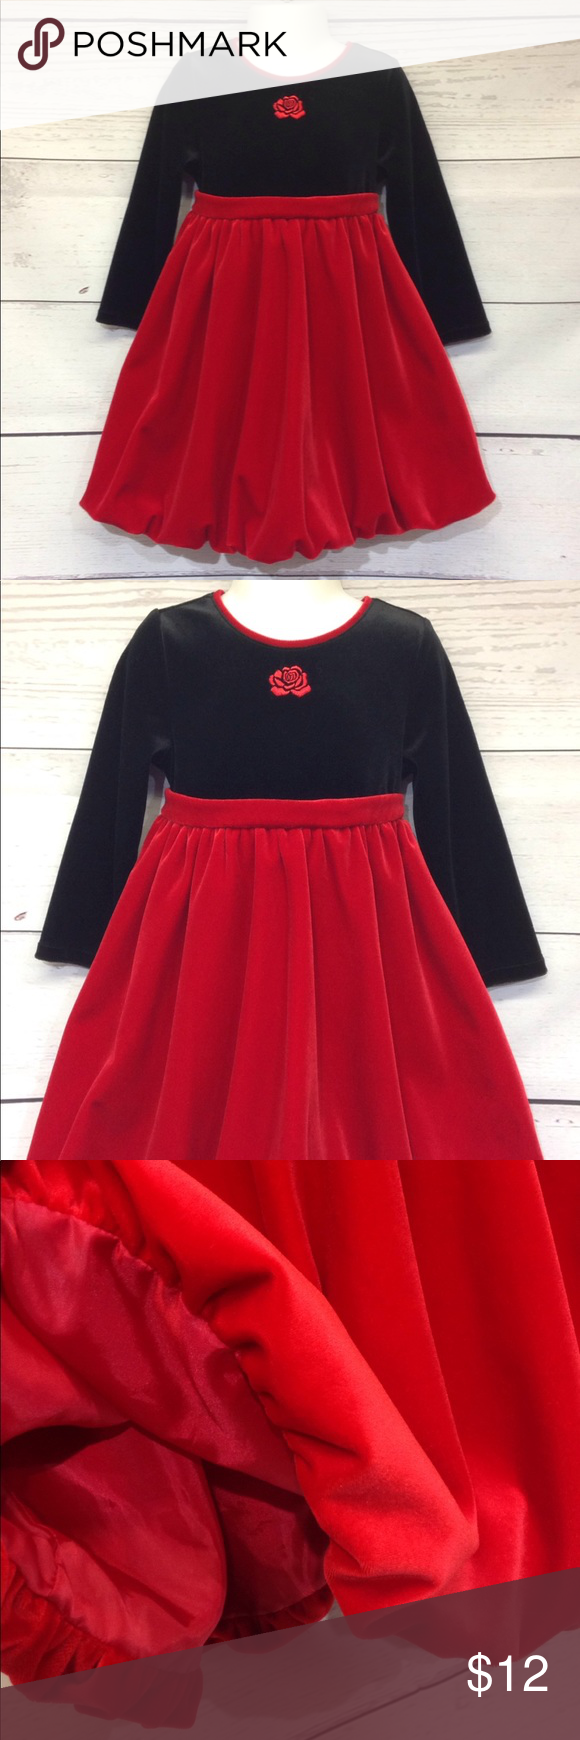 Charter Club 4 4t Velvet Party Dress Red Black Velvet Party Dress Red Dress Clothes Design [ 1740 x 580 Pixel ]